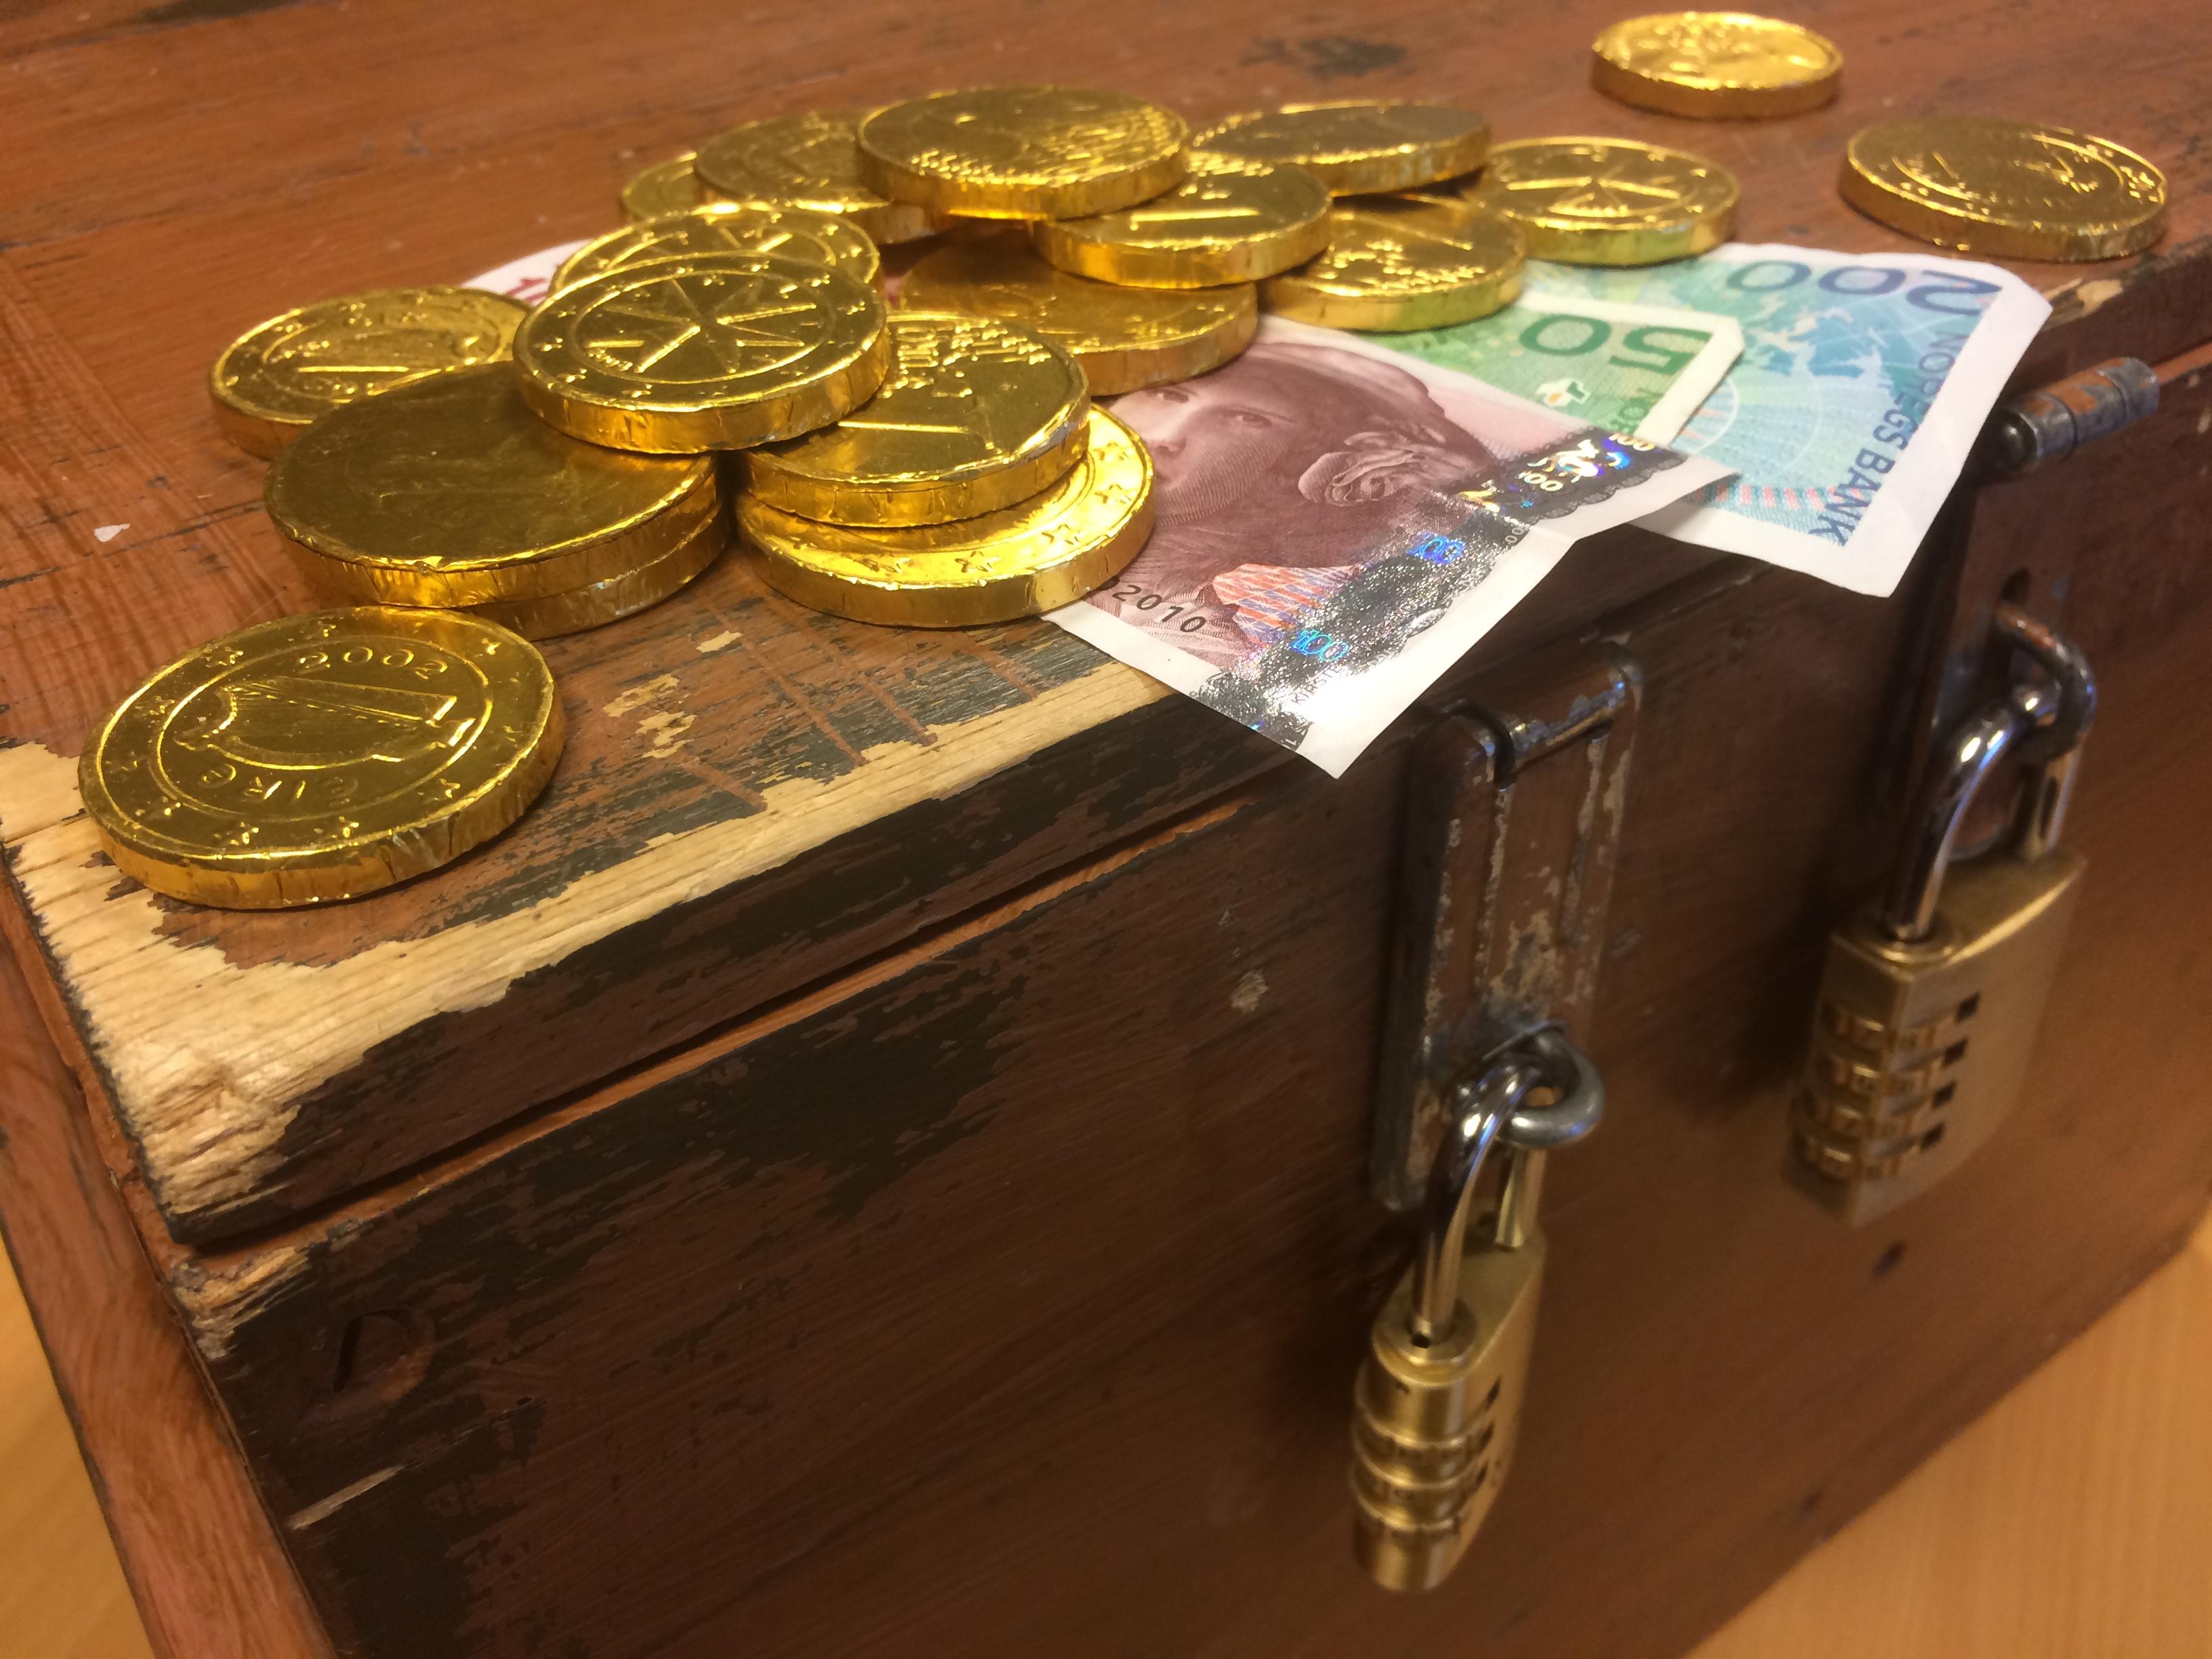 Kiste med hengelås og penger ligger på lokket